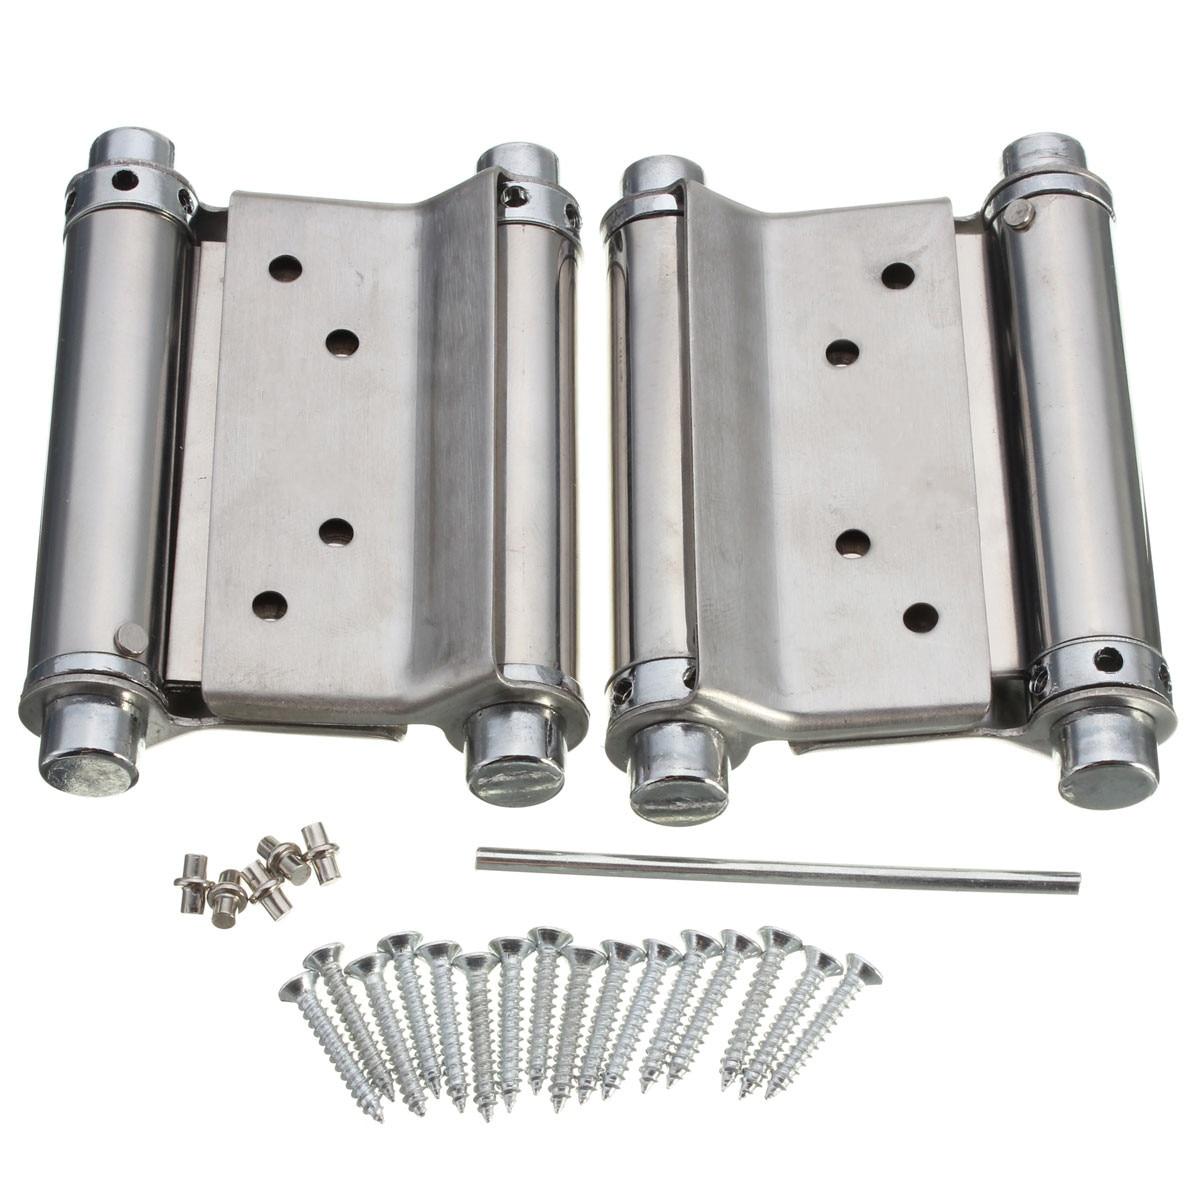 Bisagra de resorte de doble acci/ón de acero inoxidable de 3 pulgadas 2 unidades